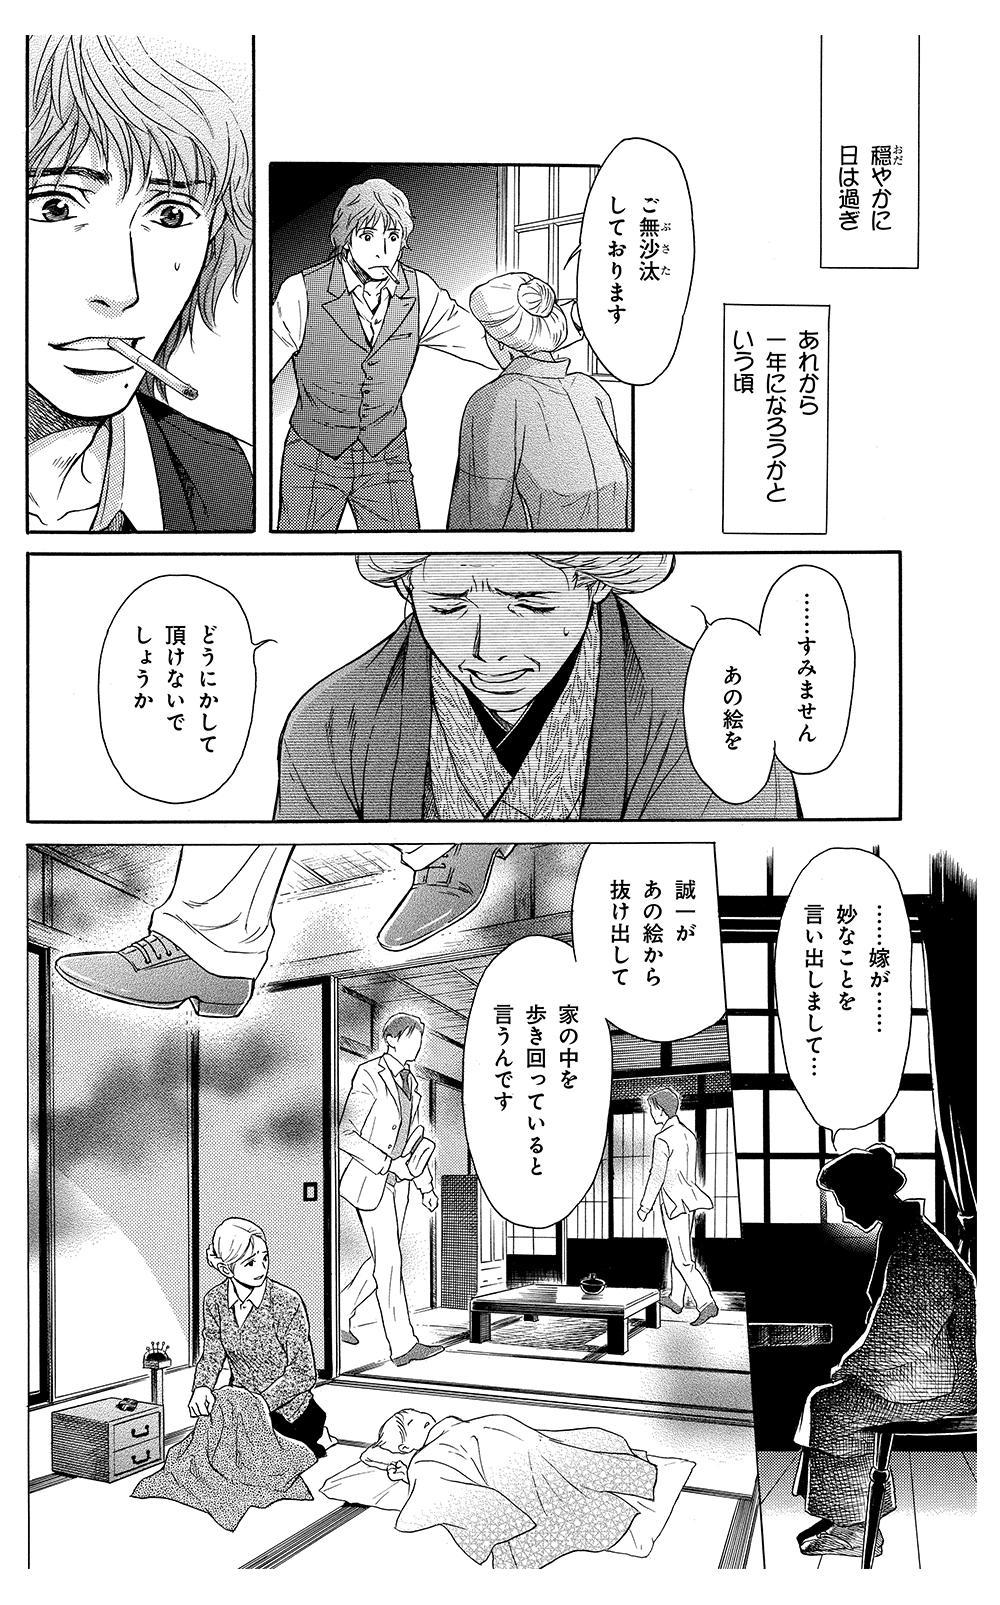 鵼の絵師 第1話「鵼の絵師」②nue-1-18.jpg